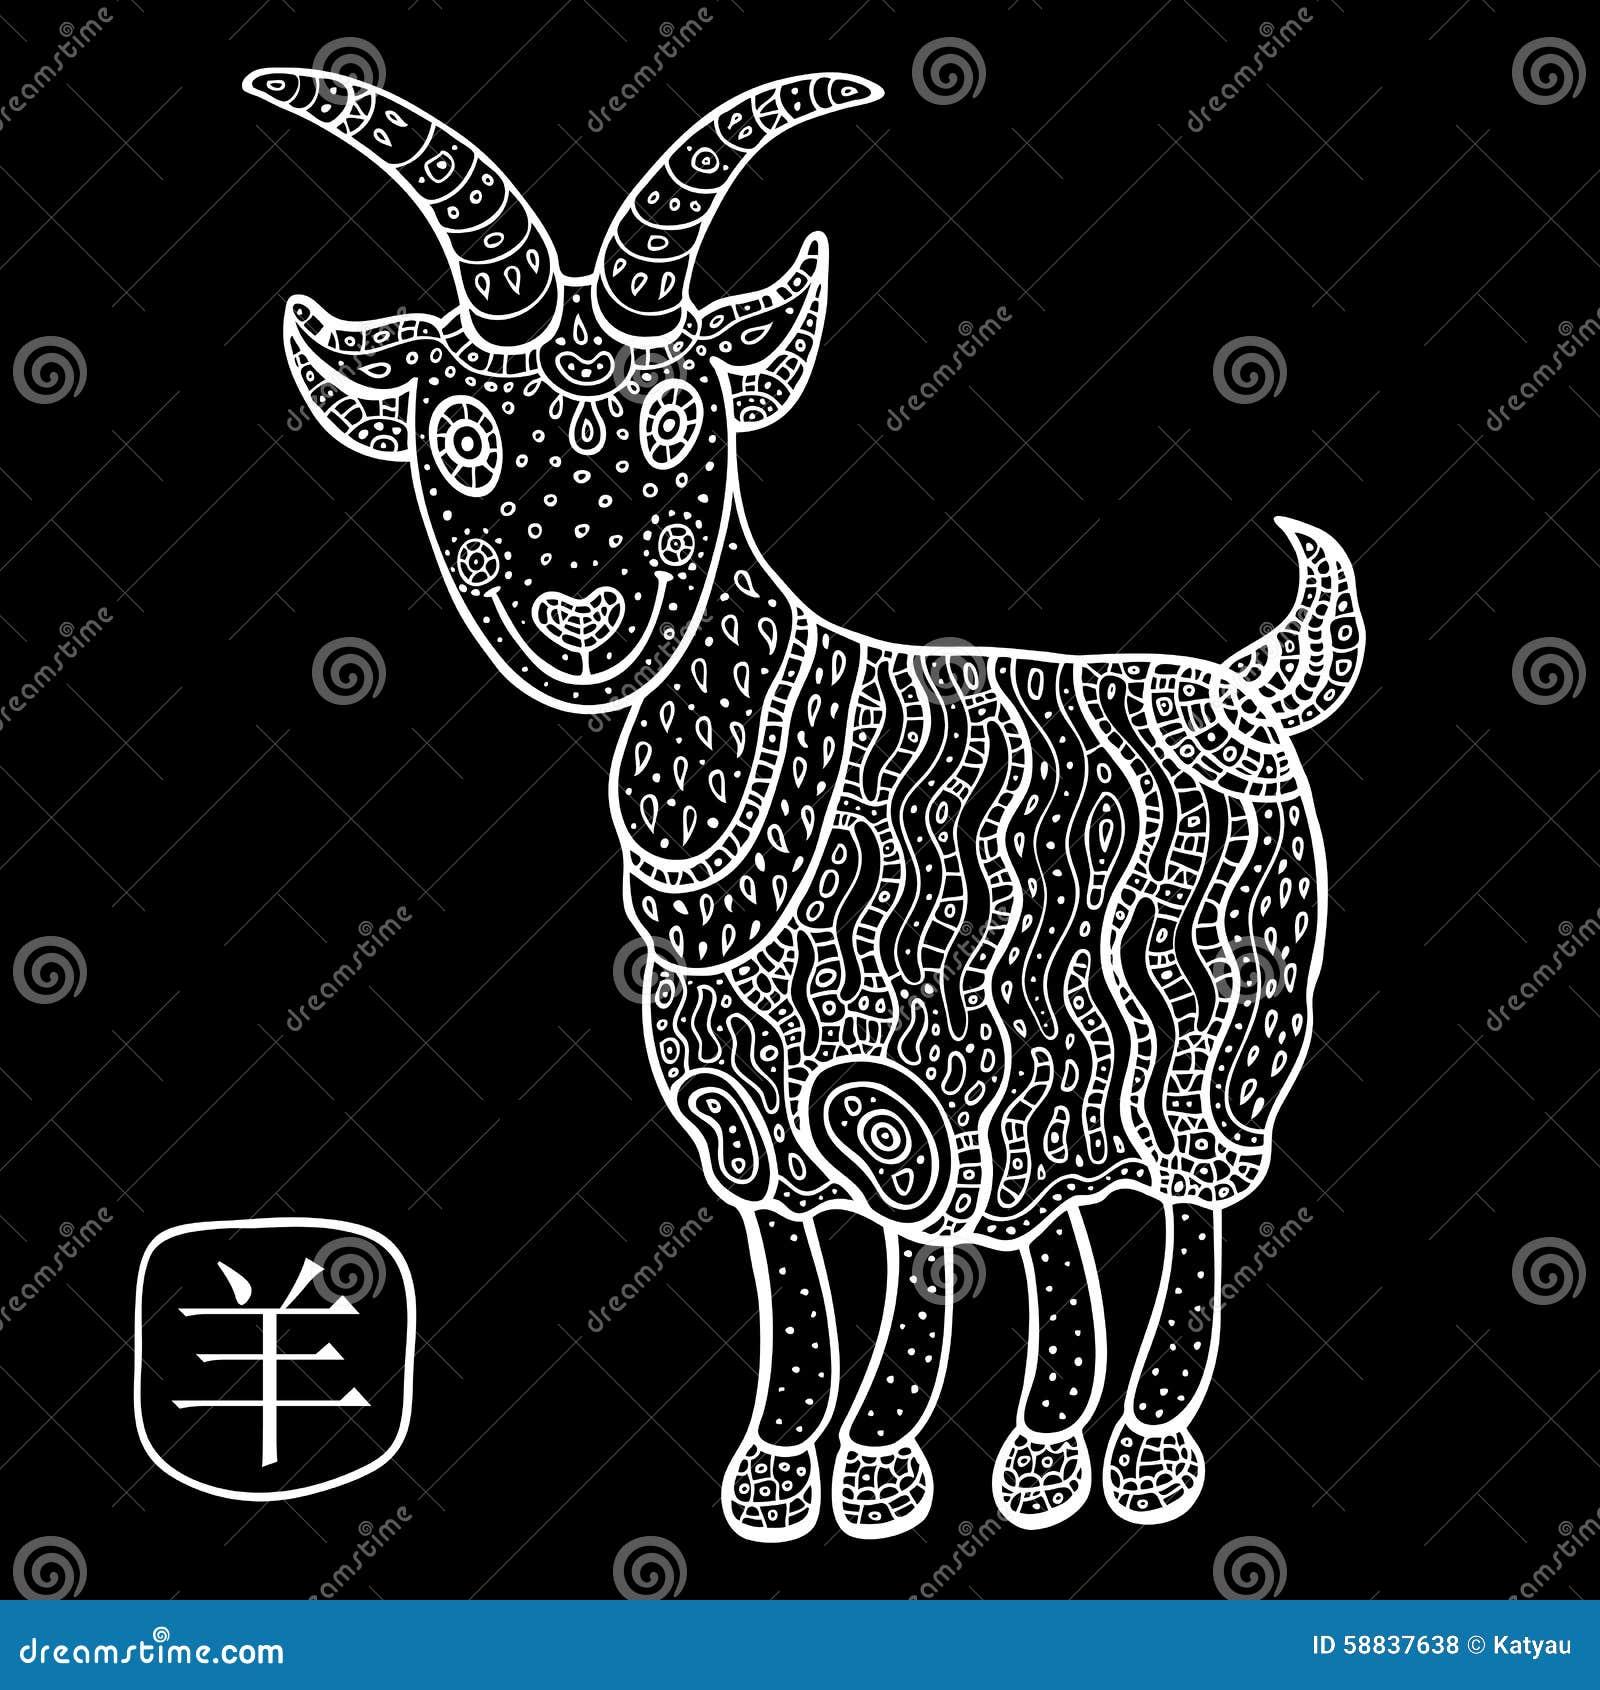 фотографий картинки из символов коза видео радуев молод